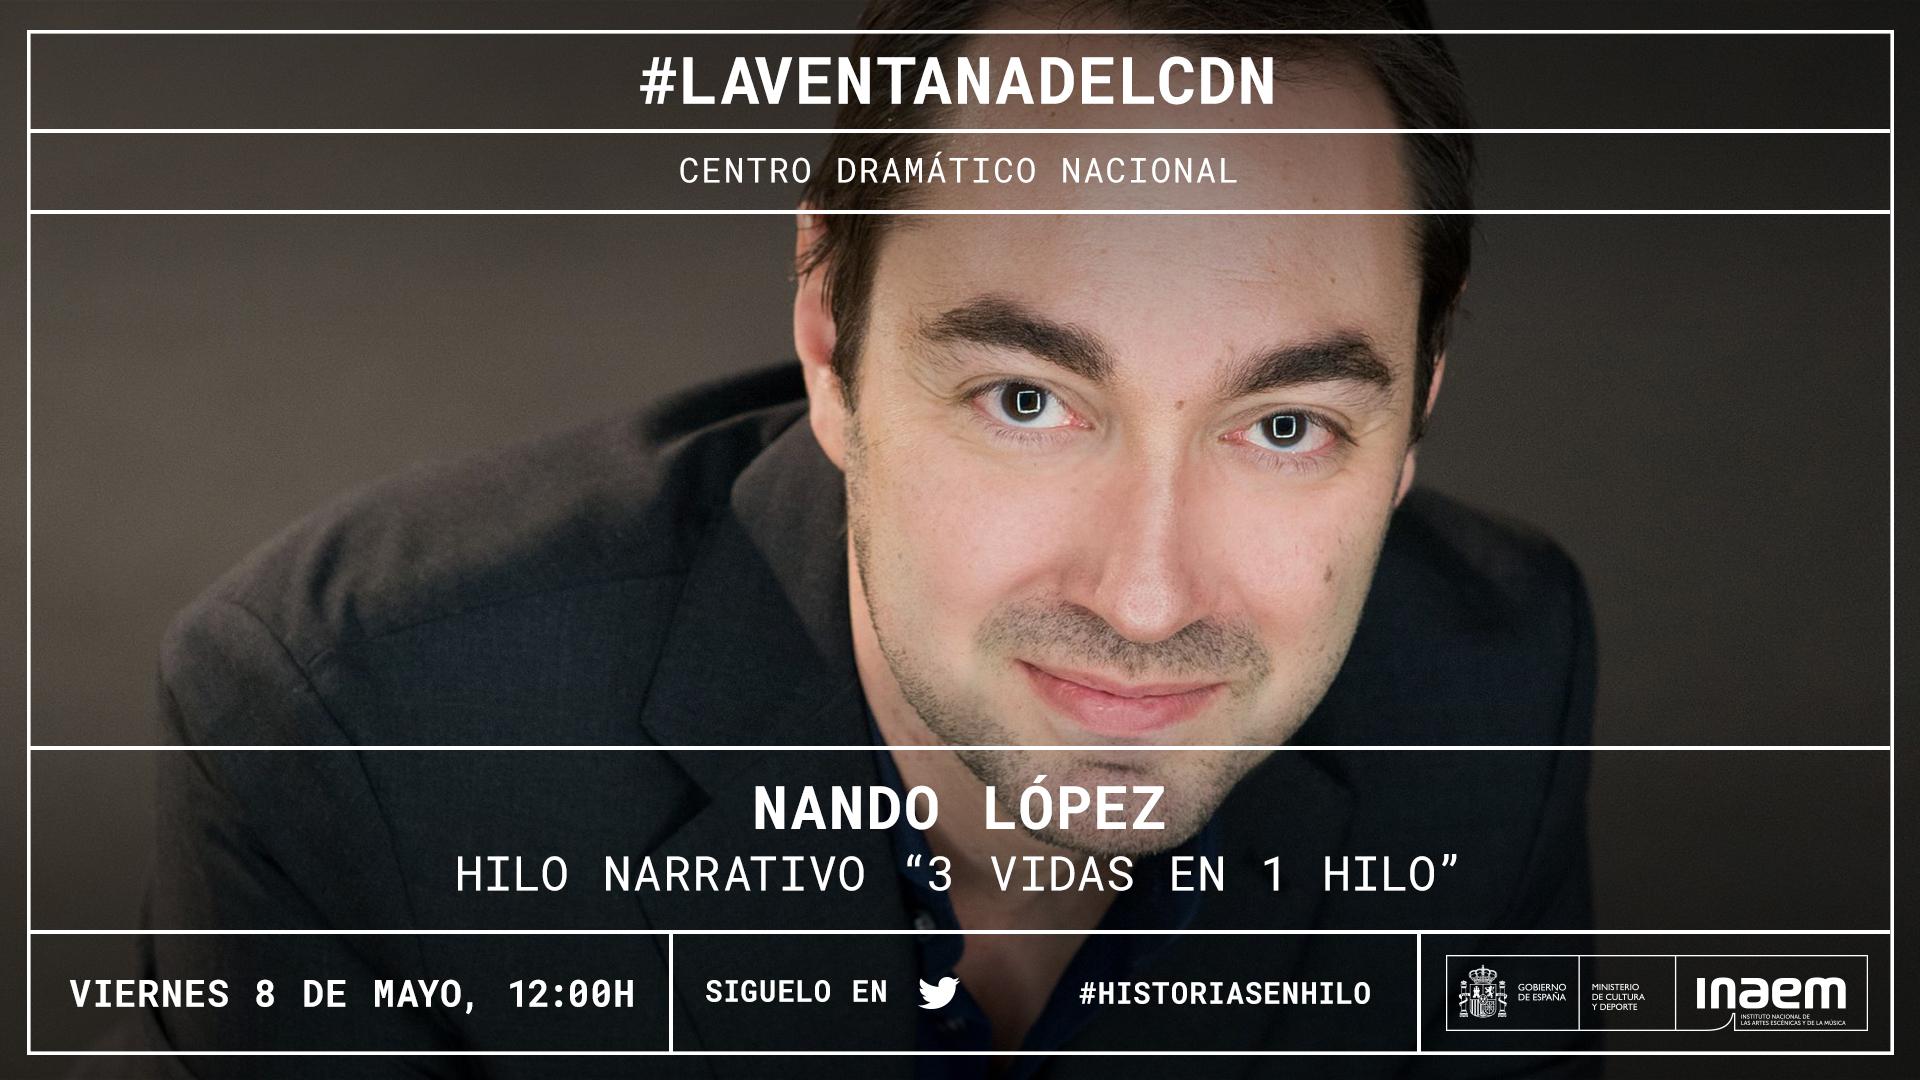 Nuestro Twitter se convierte en una hoja en blanco con la primera narración viva de Nando López